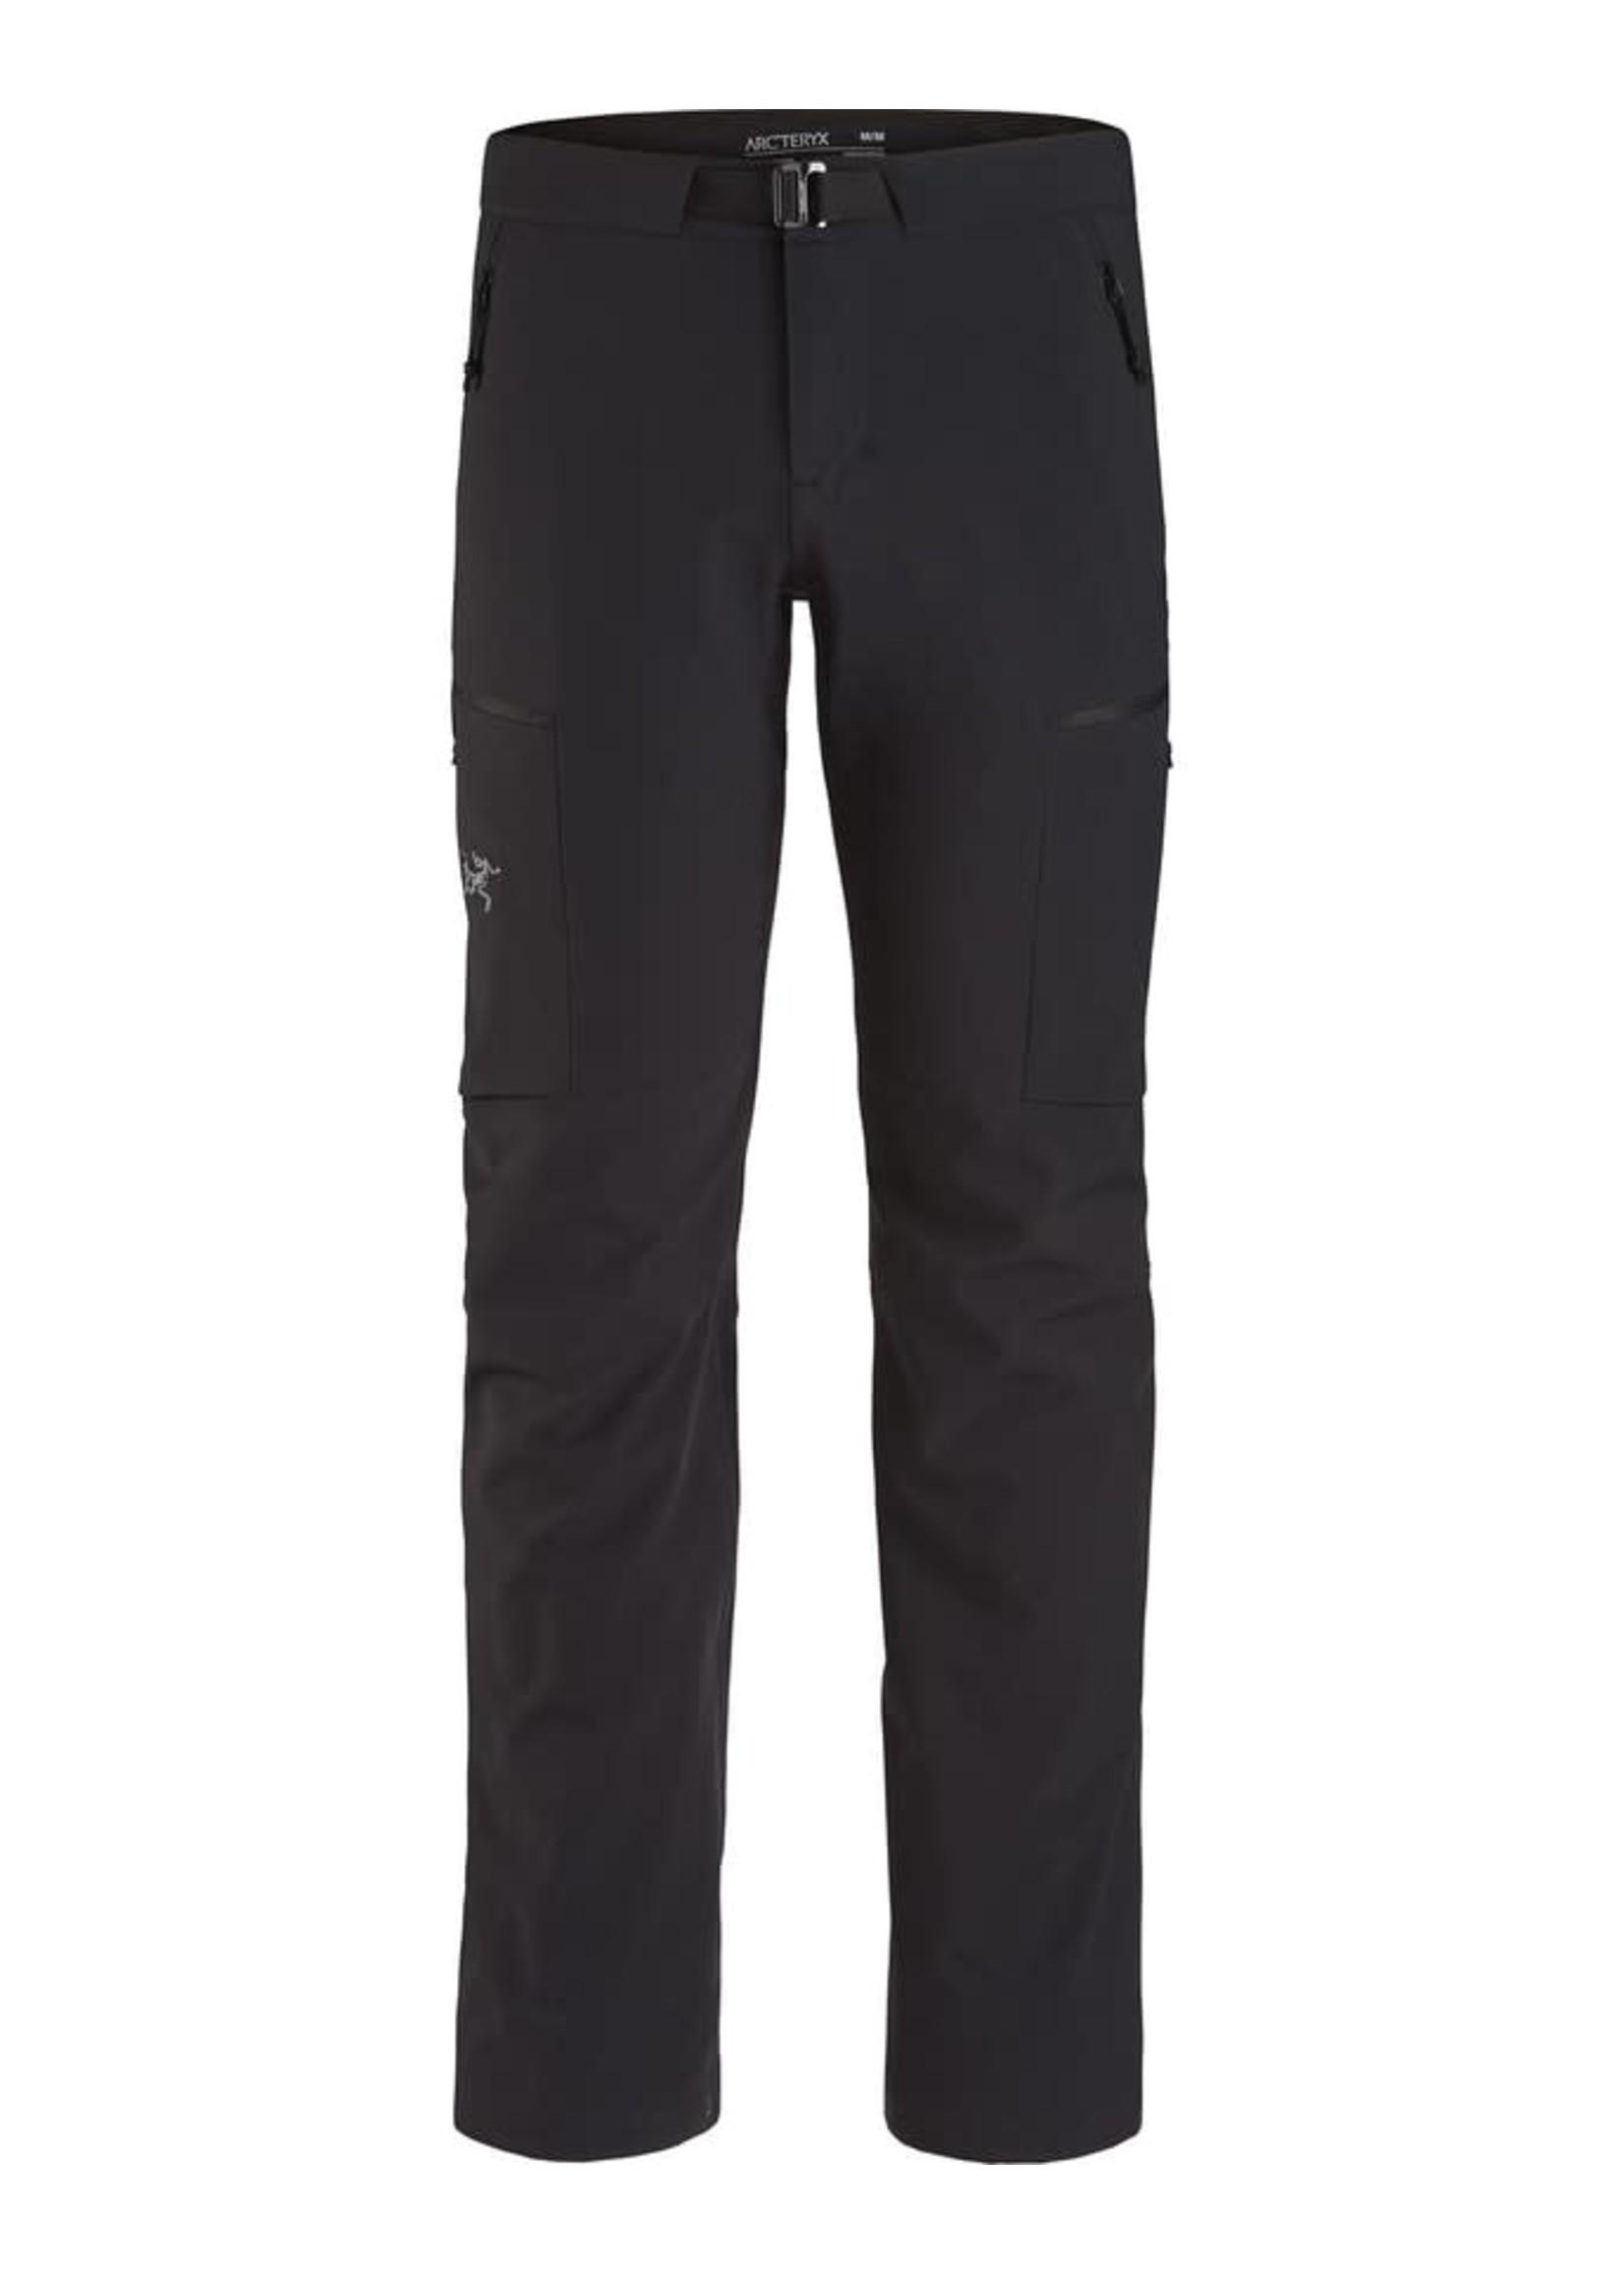 ARC'TERYX Pantalon Gamma MX / Medium - REG / Noir